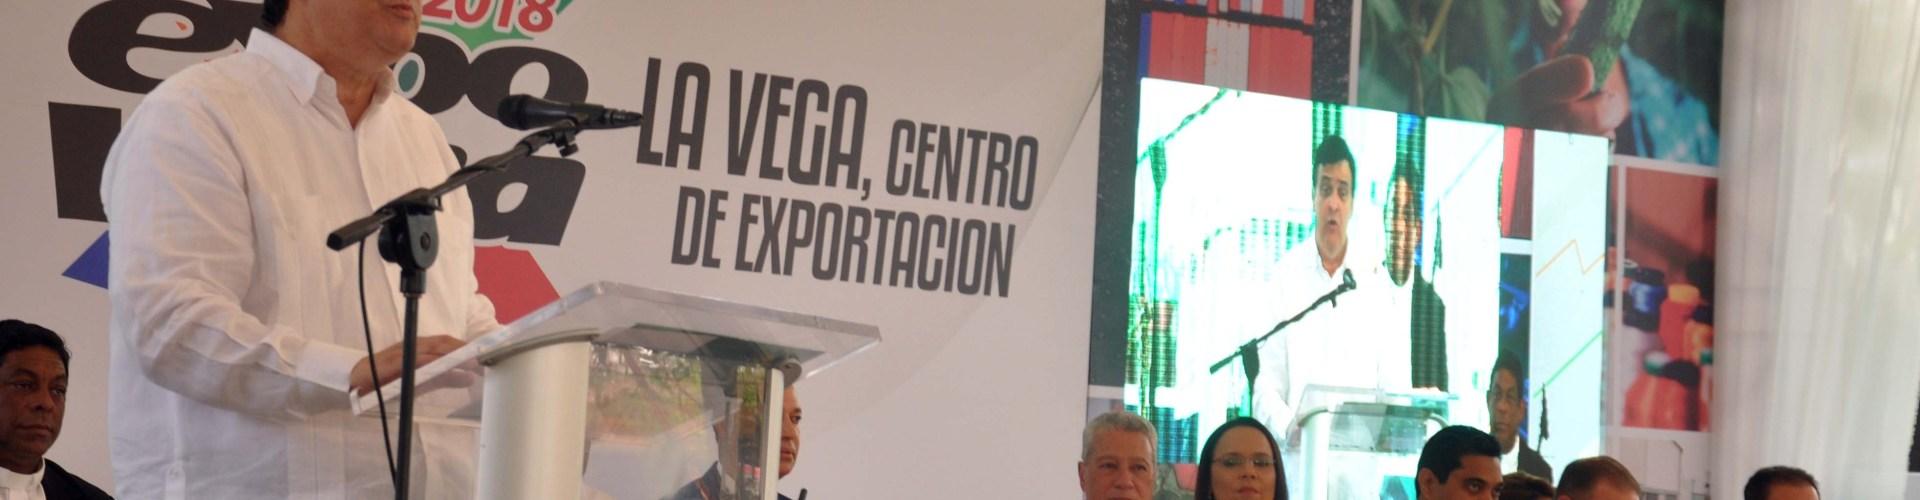 Comienza celebración de Expo Vega Real 2018